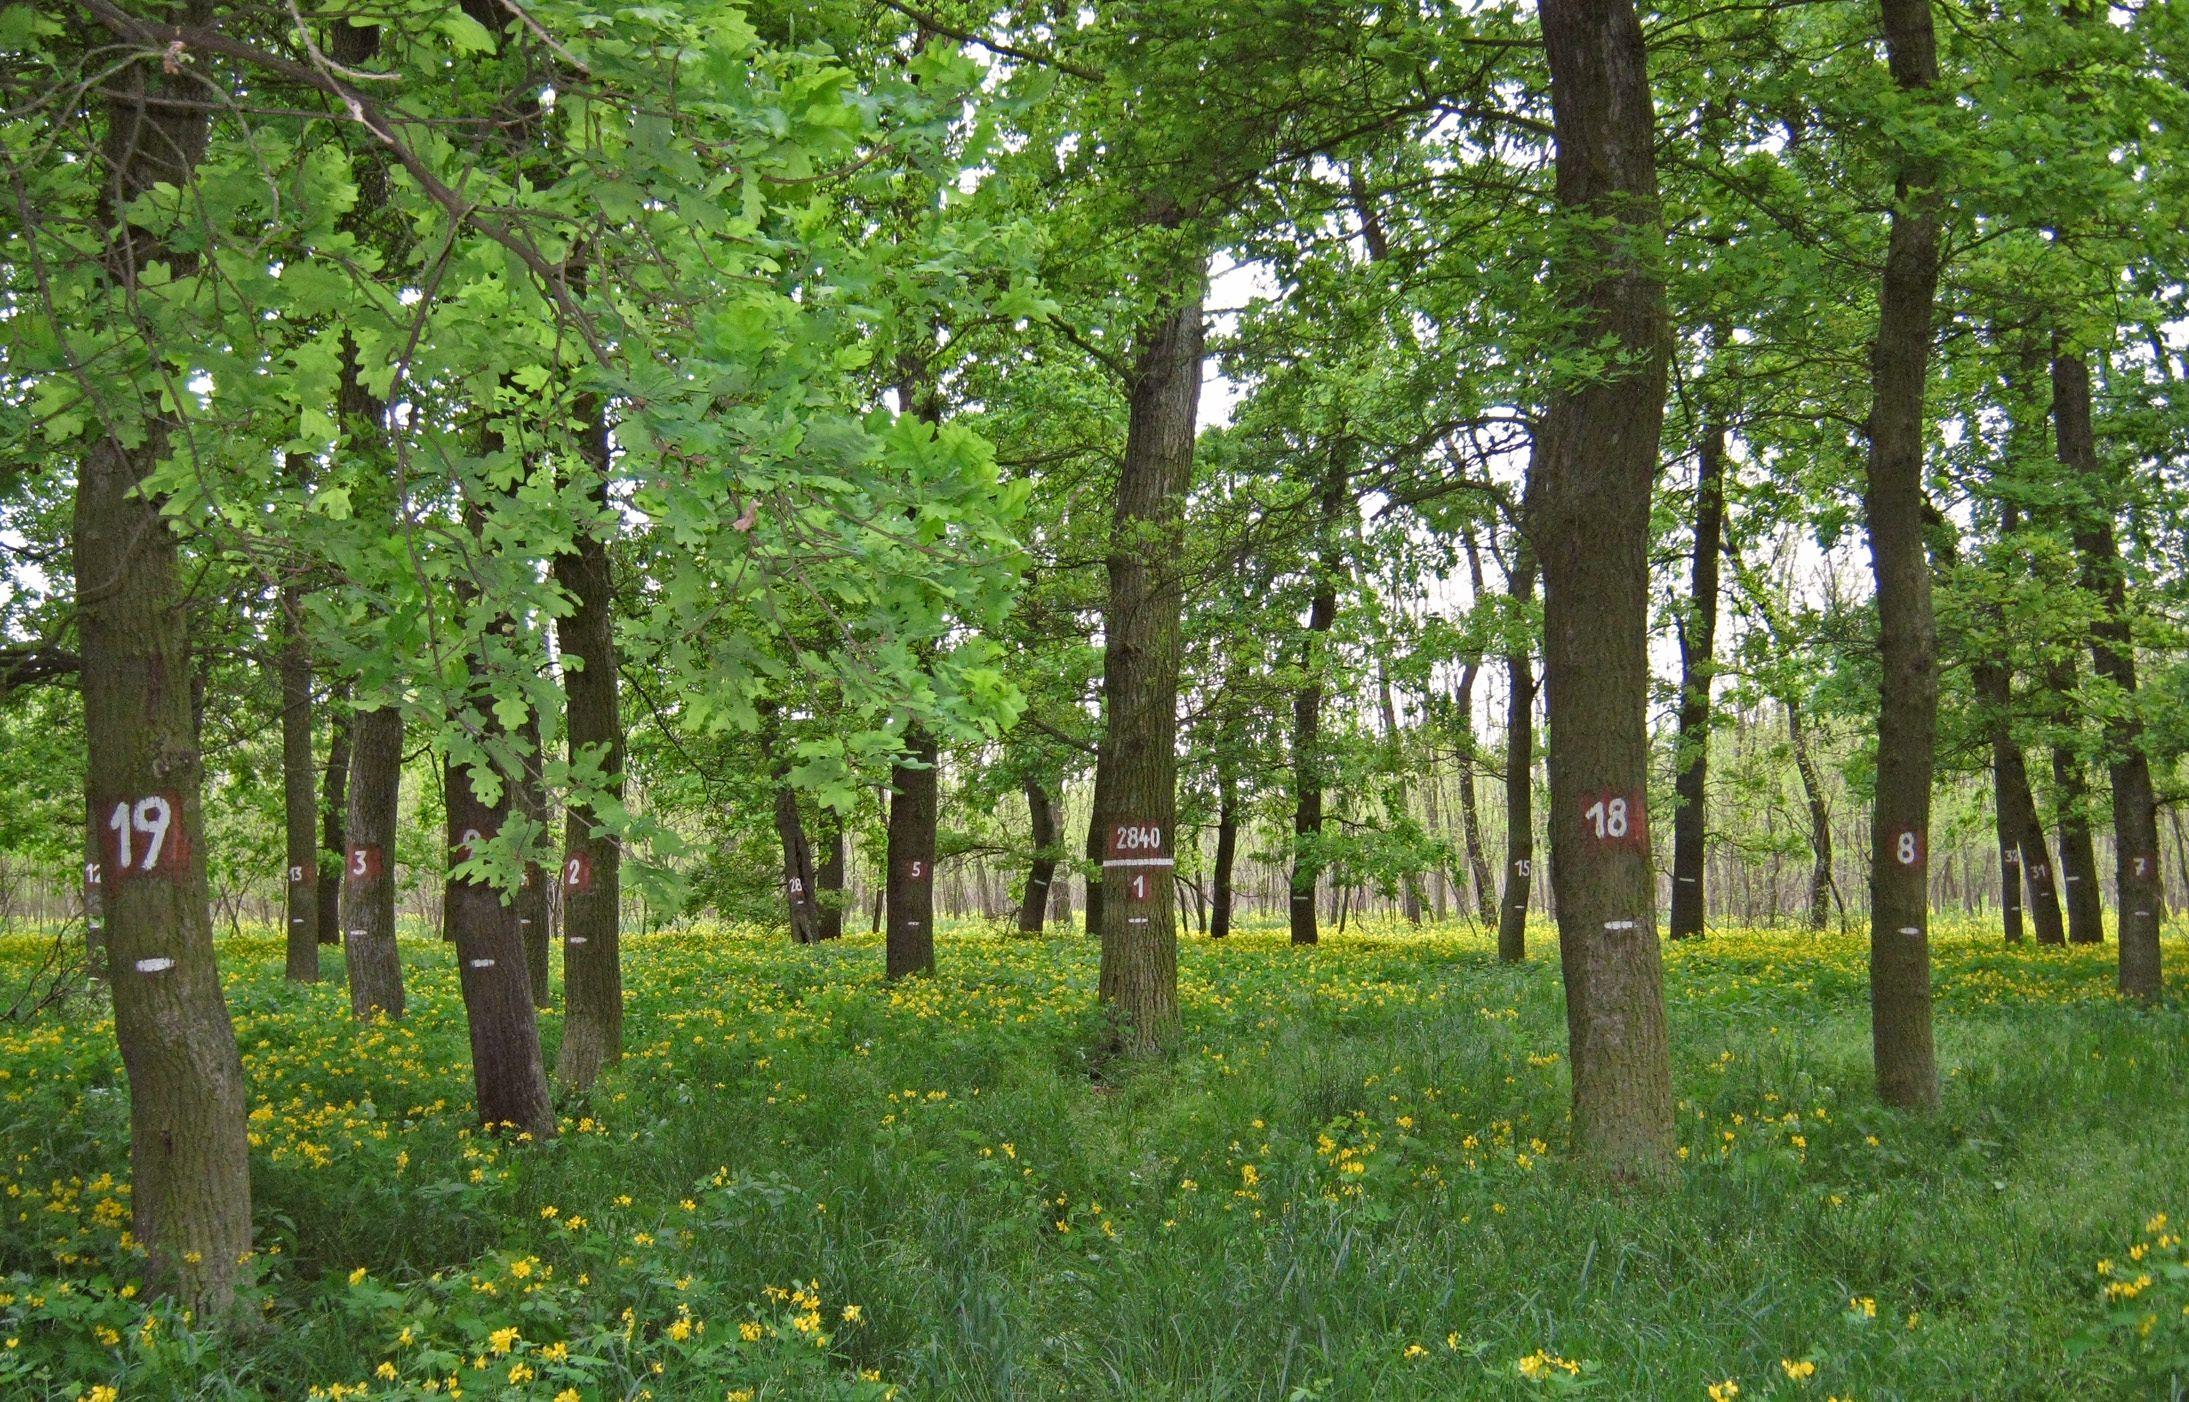 Monitorovací plochy slouží ke kontrole zdravotního stavu lesa